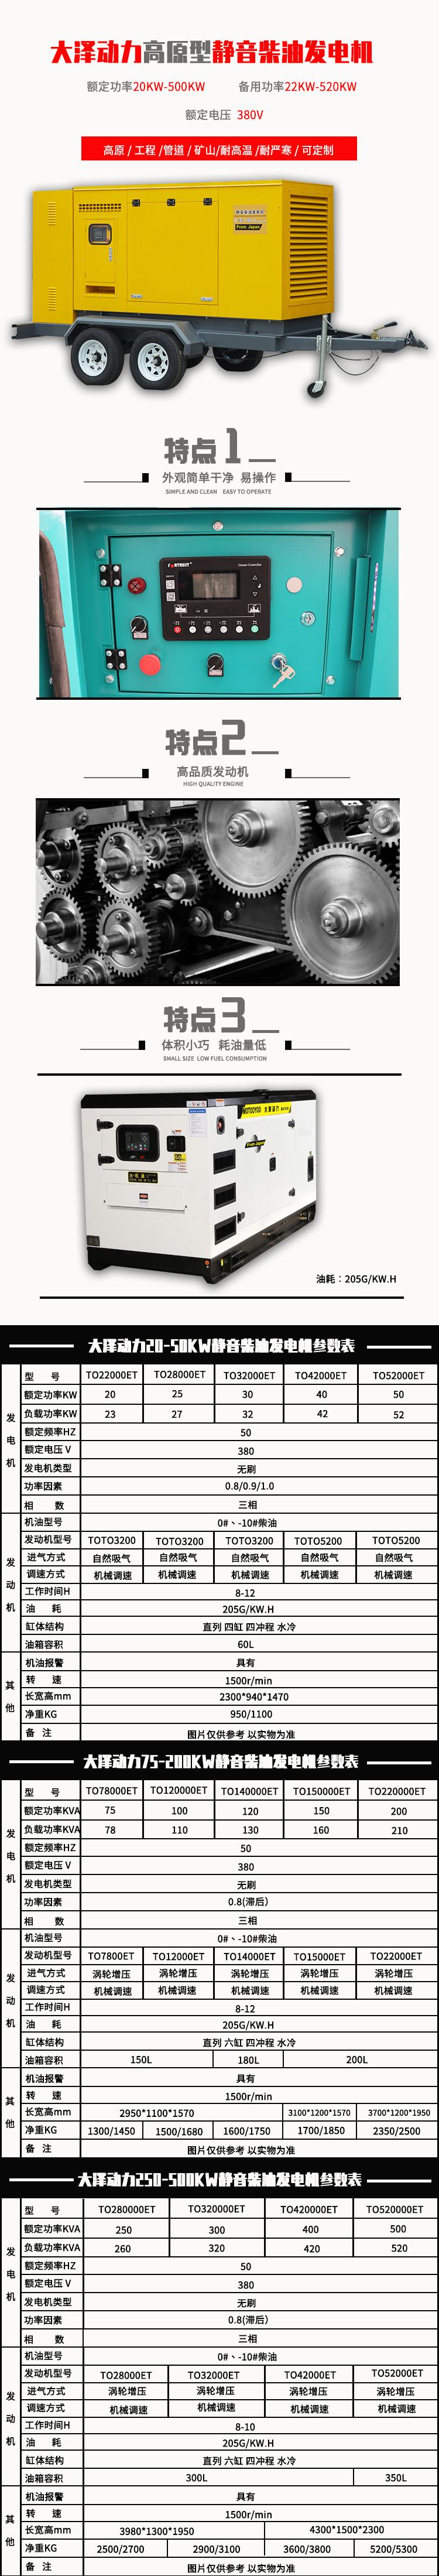 大泽动力全自动100KW静音柴油发电机TO120000ET高原用380V三相 高原柴油发电机,三相柴油发电机,水冷柴油发电机